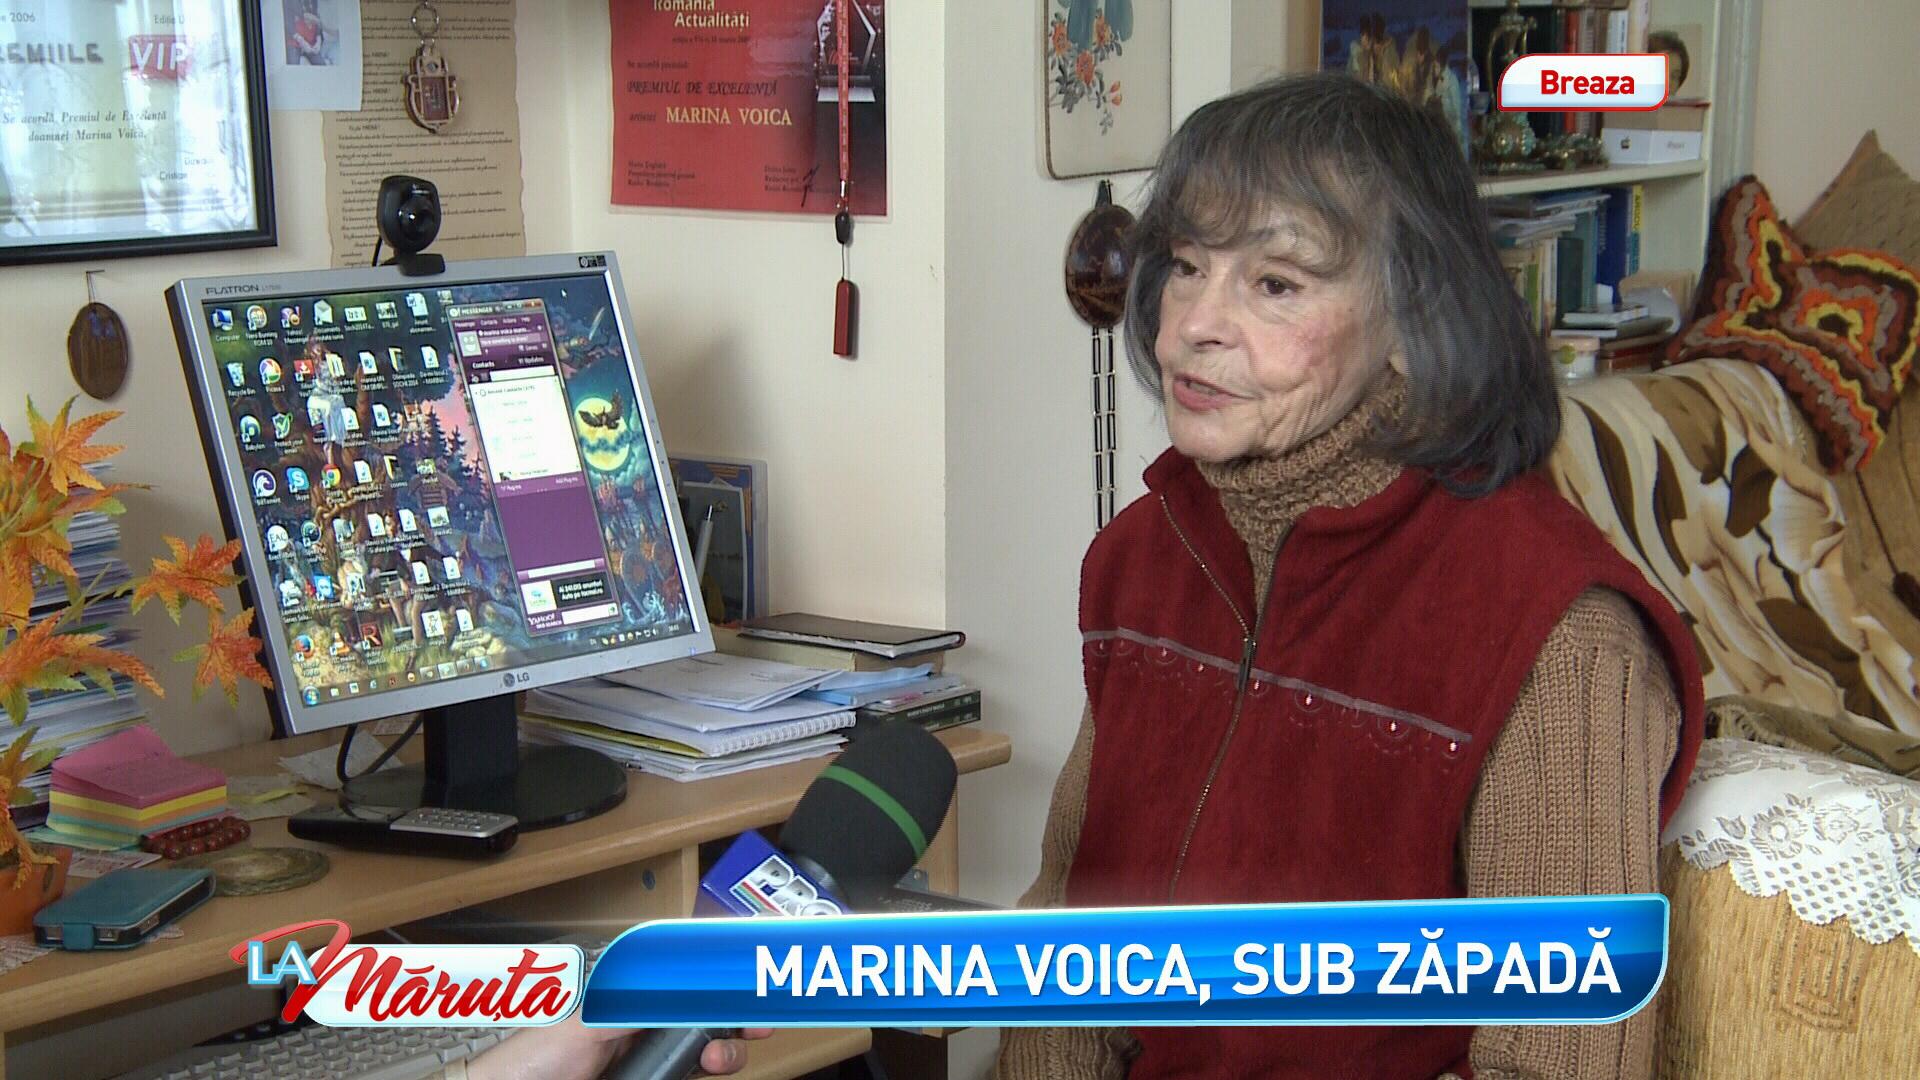 Marina Voica, izolata de zapezi si fara provizii, timp de 2 zile. De unde a venit salvarea